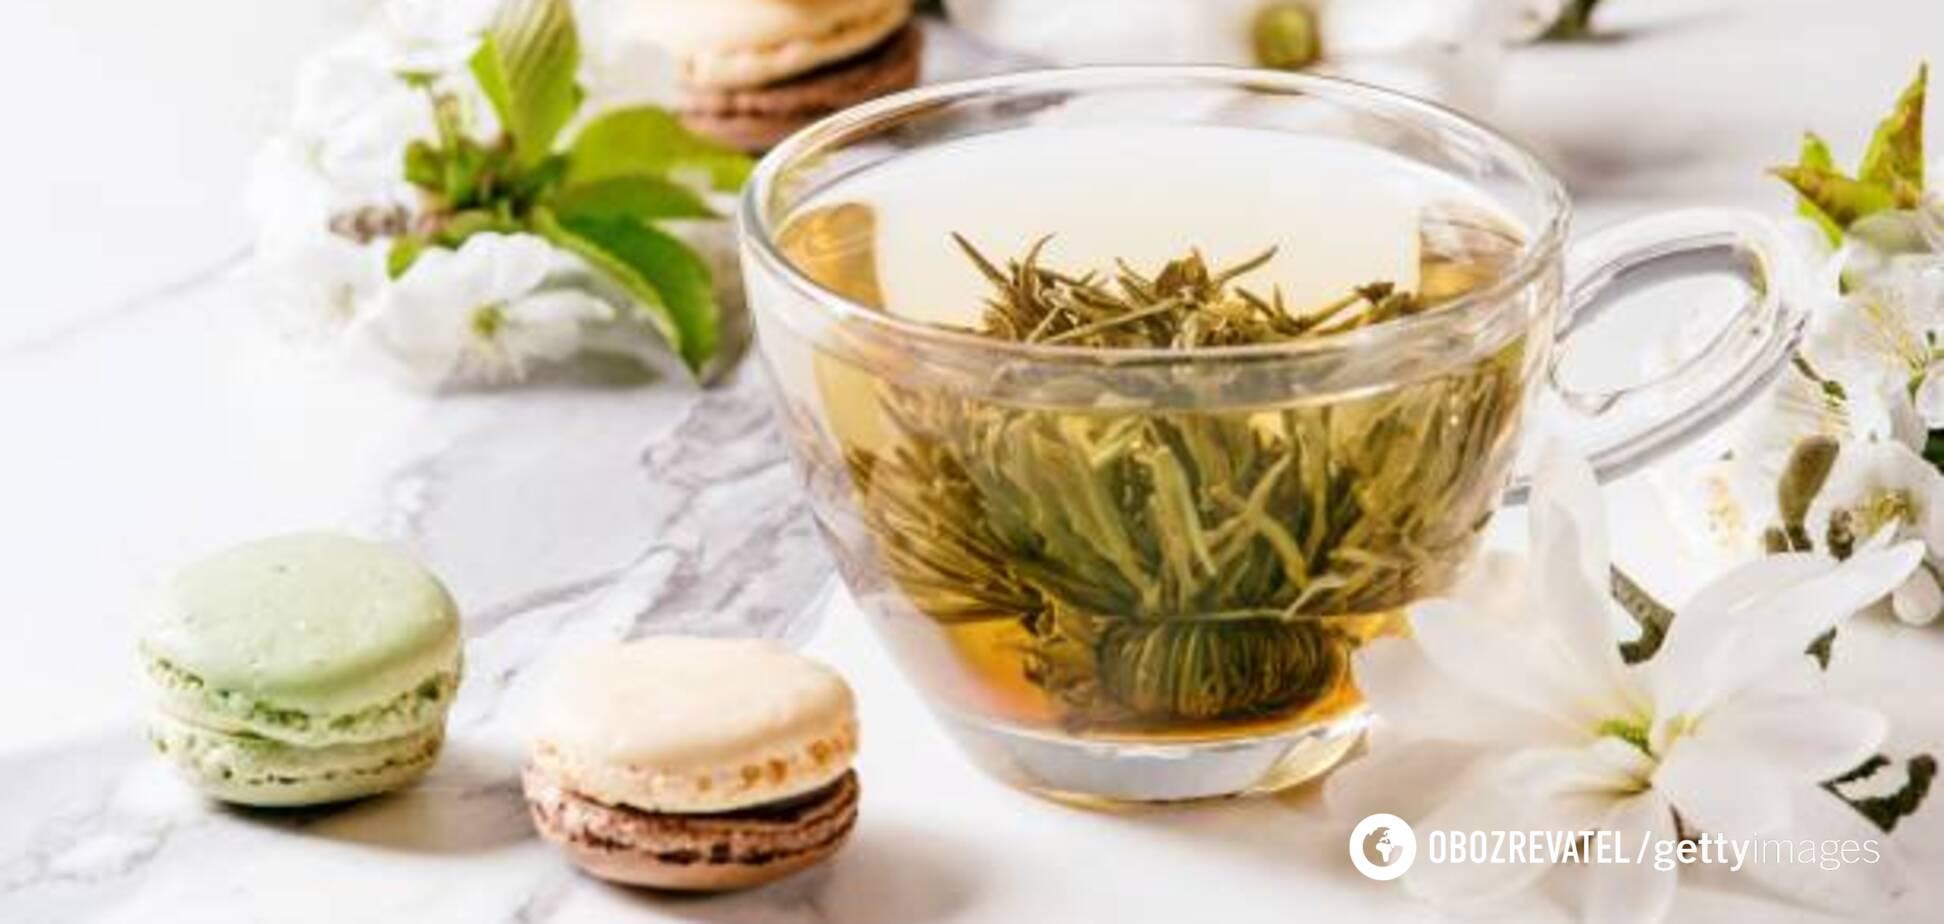 Зеленый чай: насколько он полезен. Диетологи разошлись во мнении